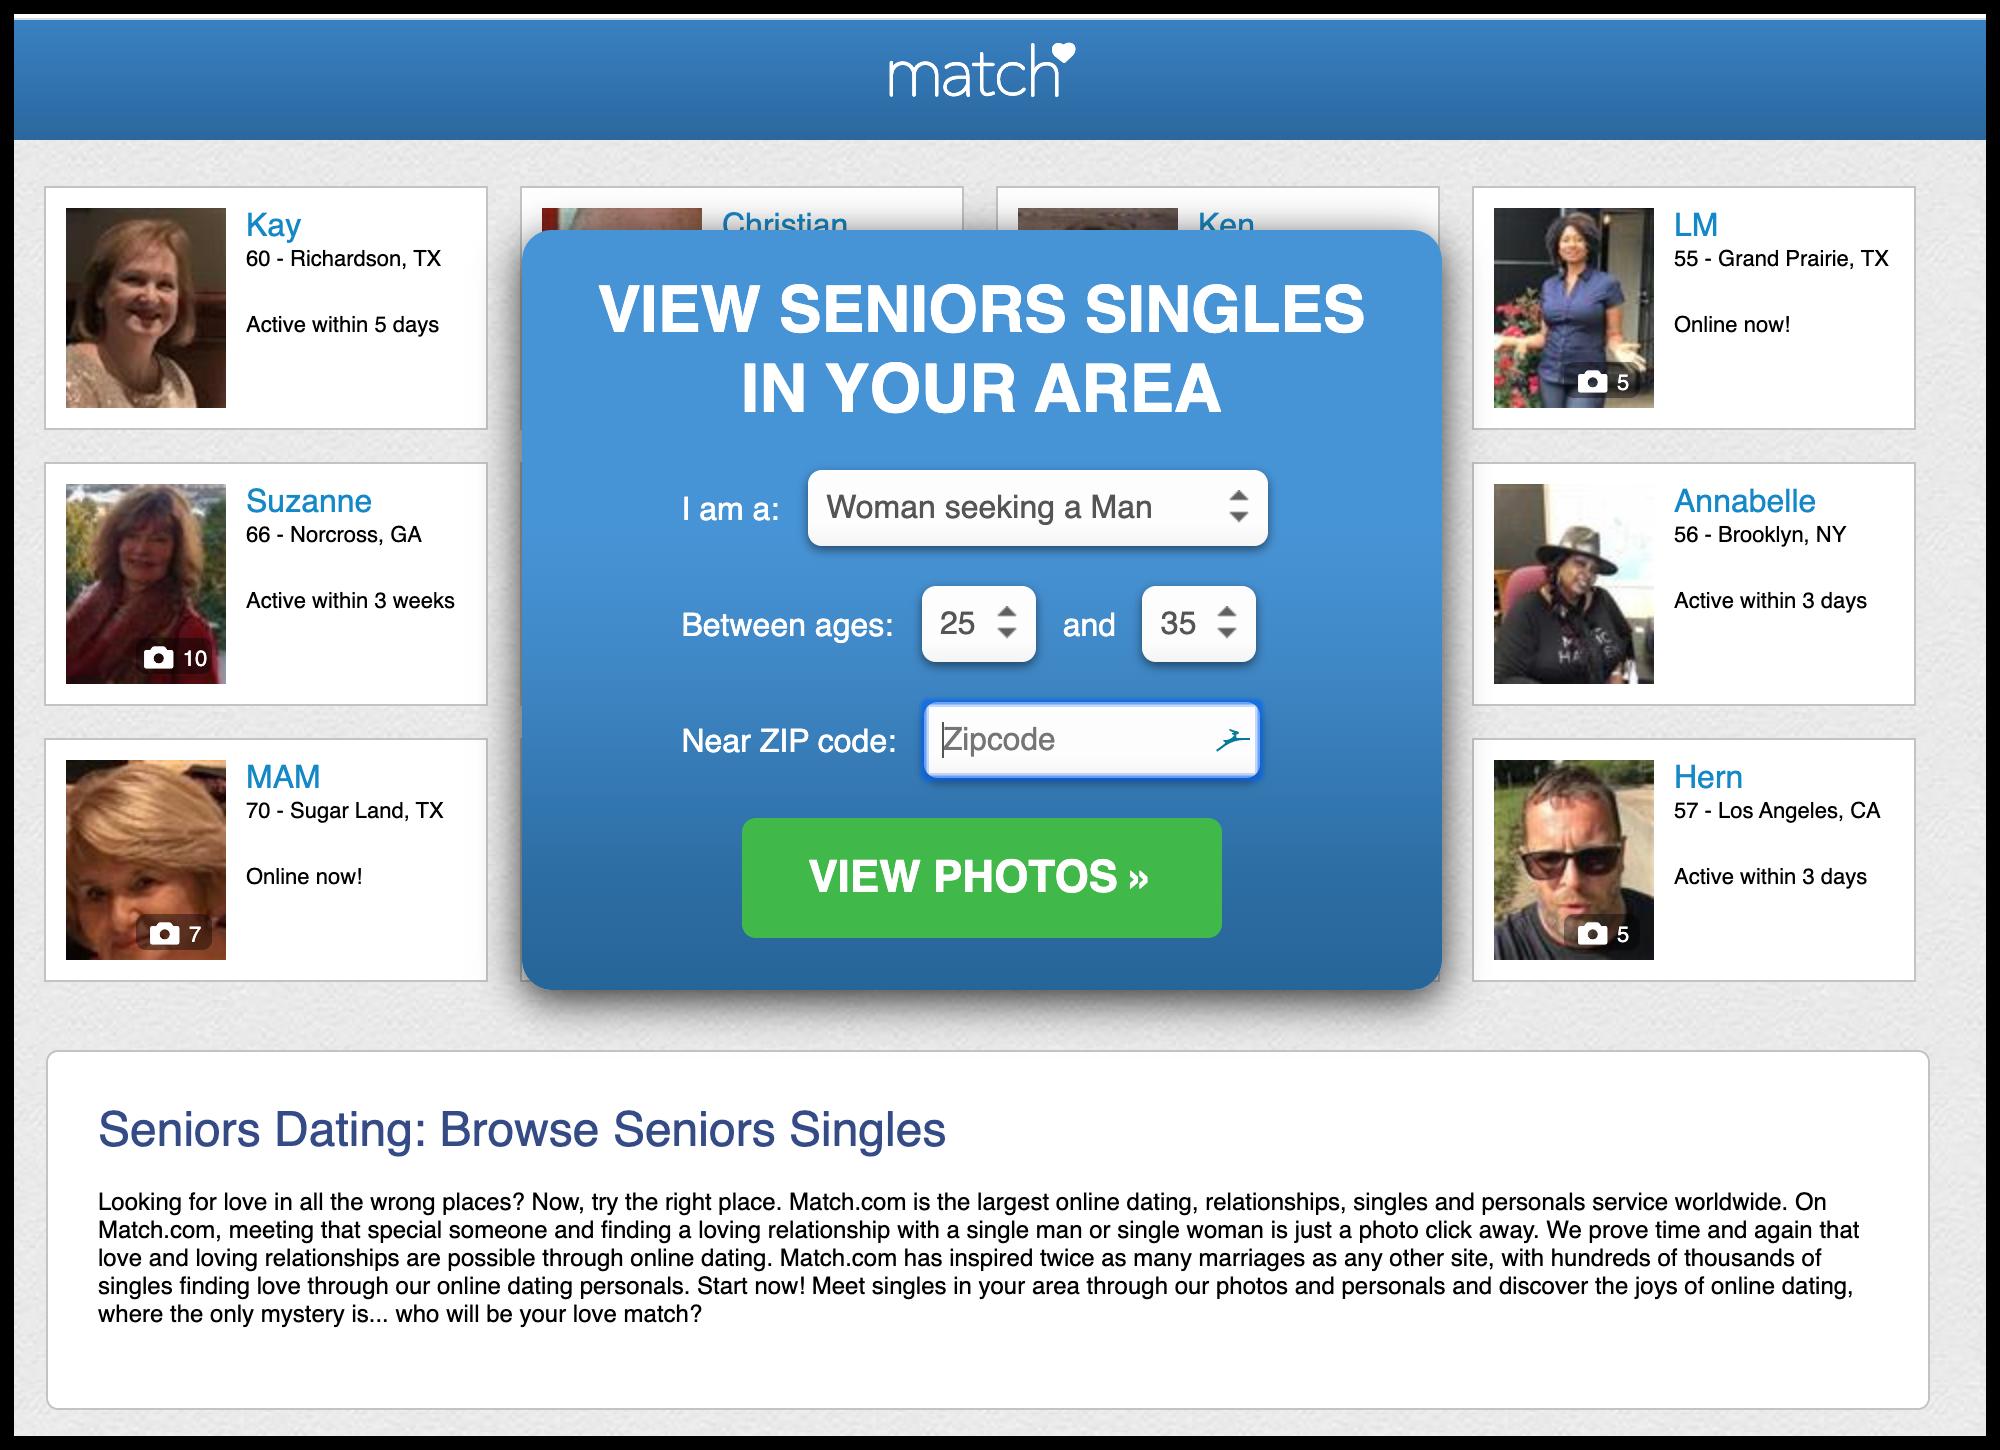 match.com senior dating website